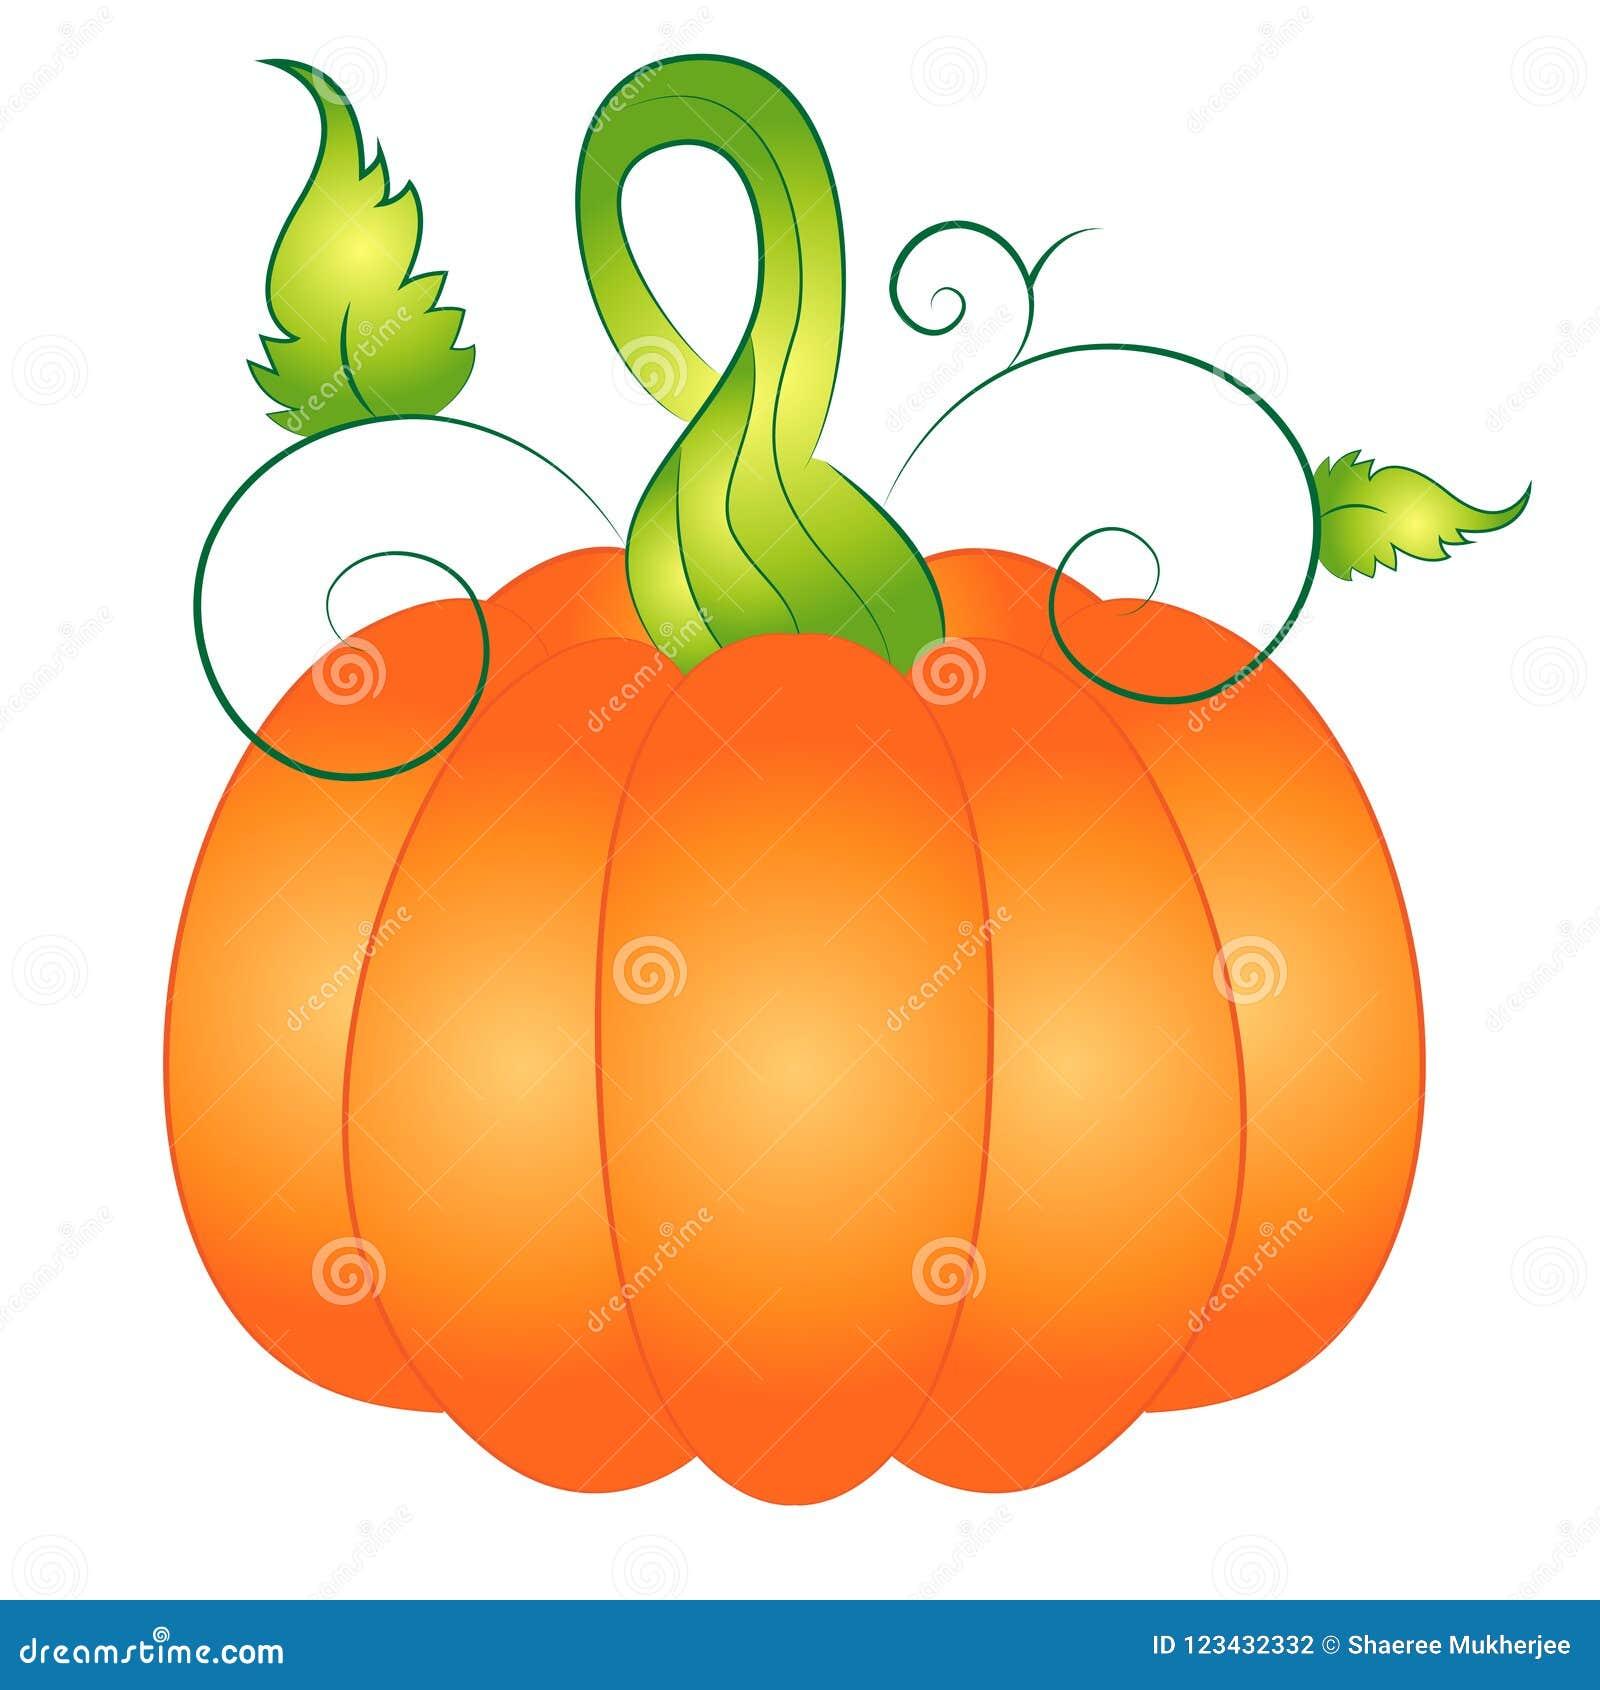 Cartoon Autumn Pumpkin Vector Illustration Clipart Stock ...